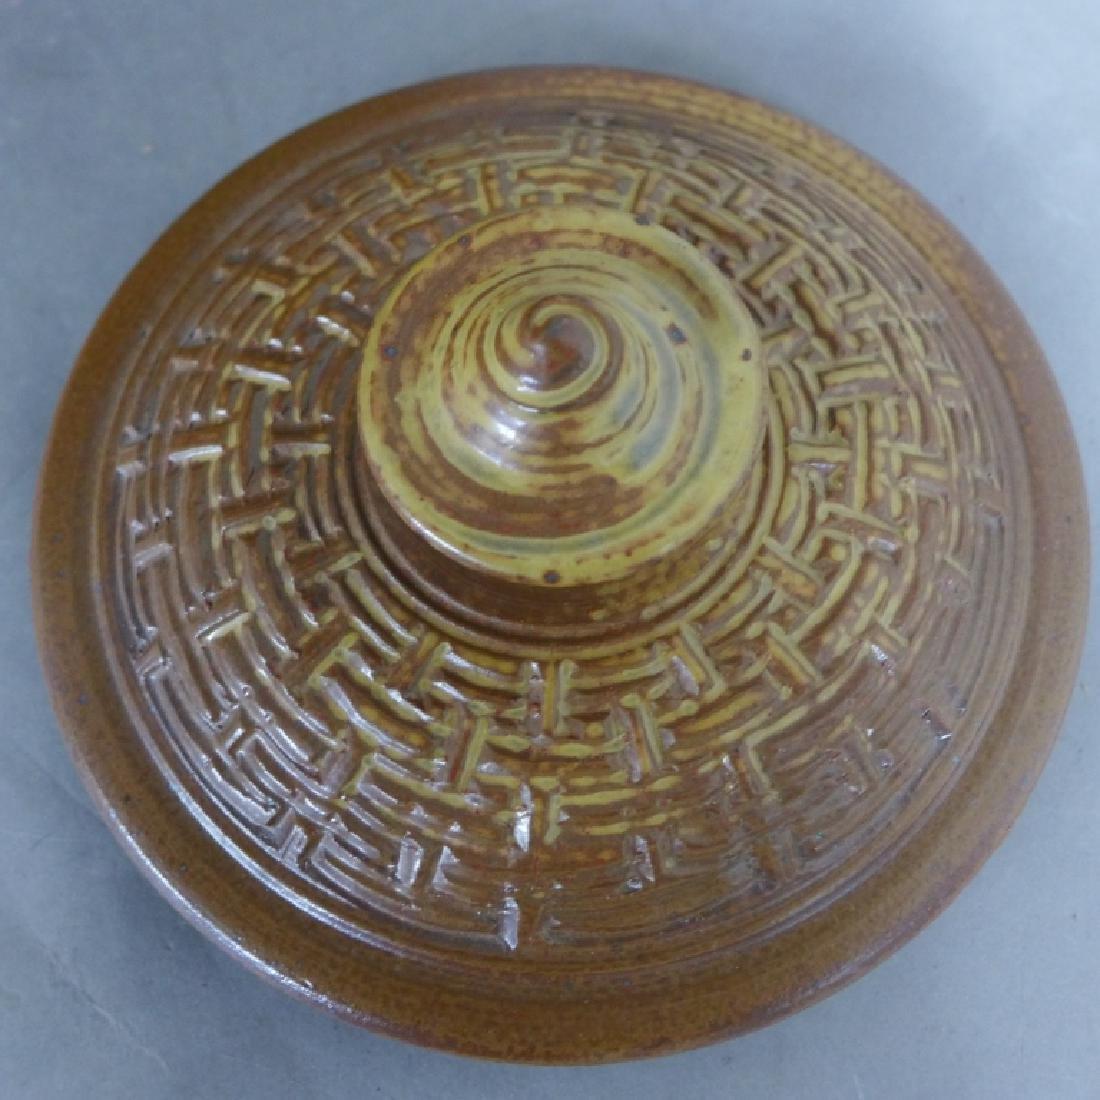 Basket Weave Impressed Ceramic Covered Jar - 3